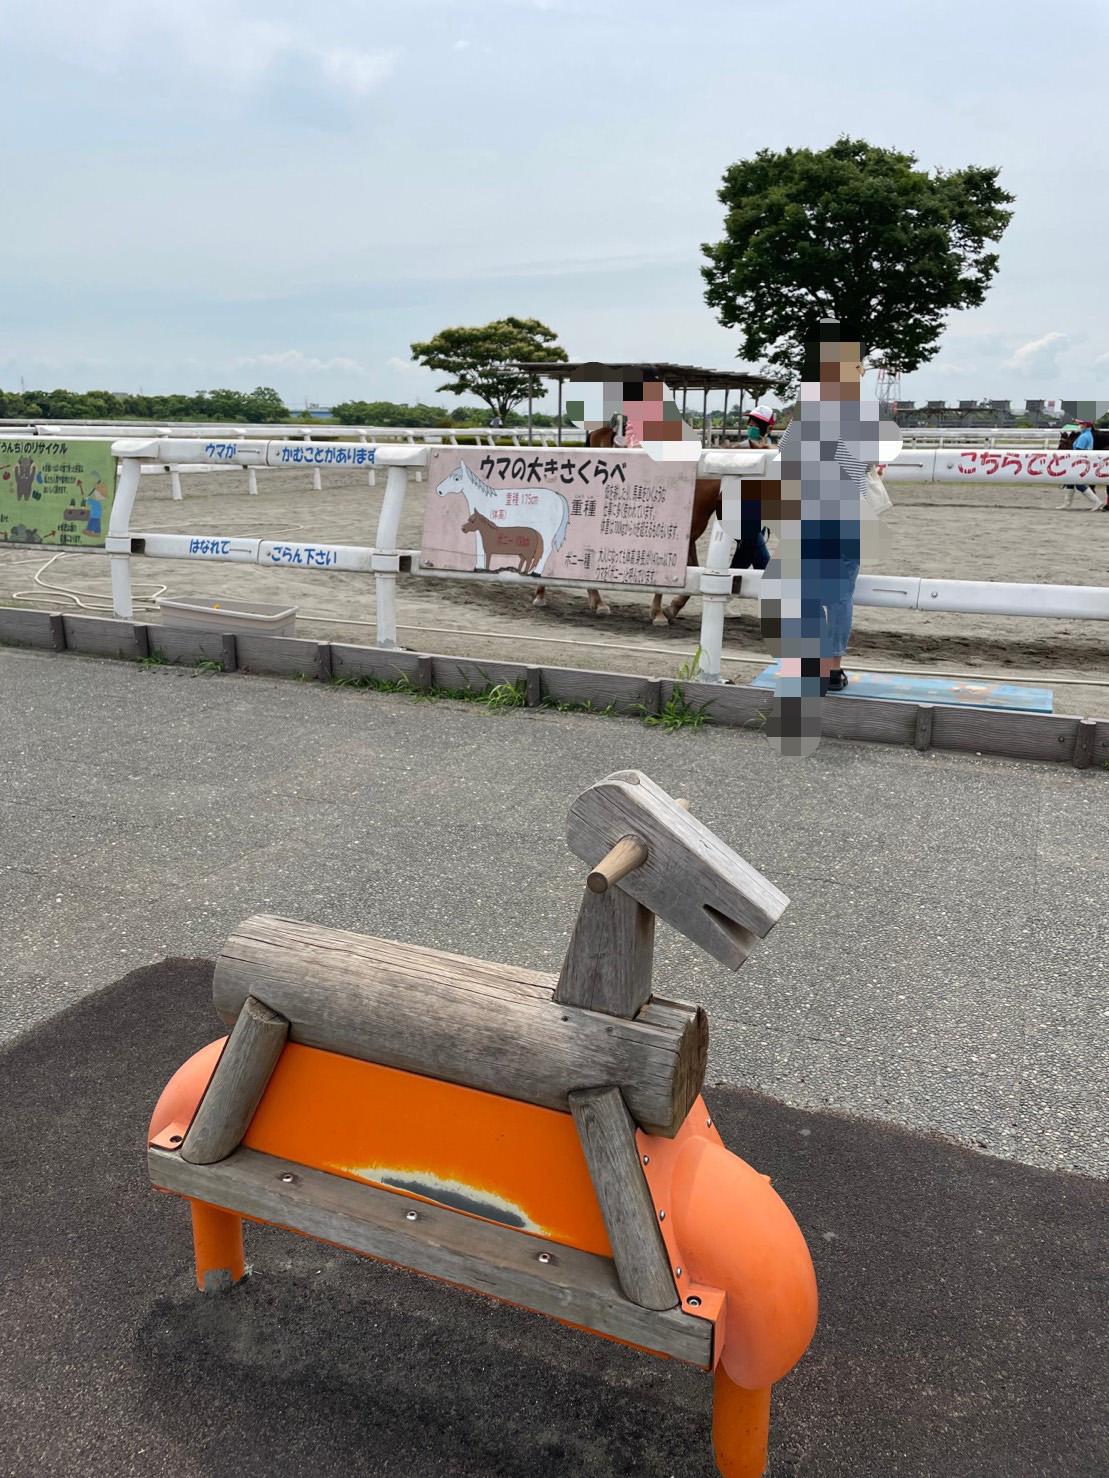 ポニーの形の椅子の写真